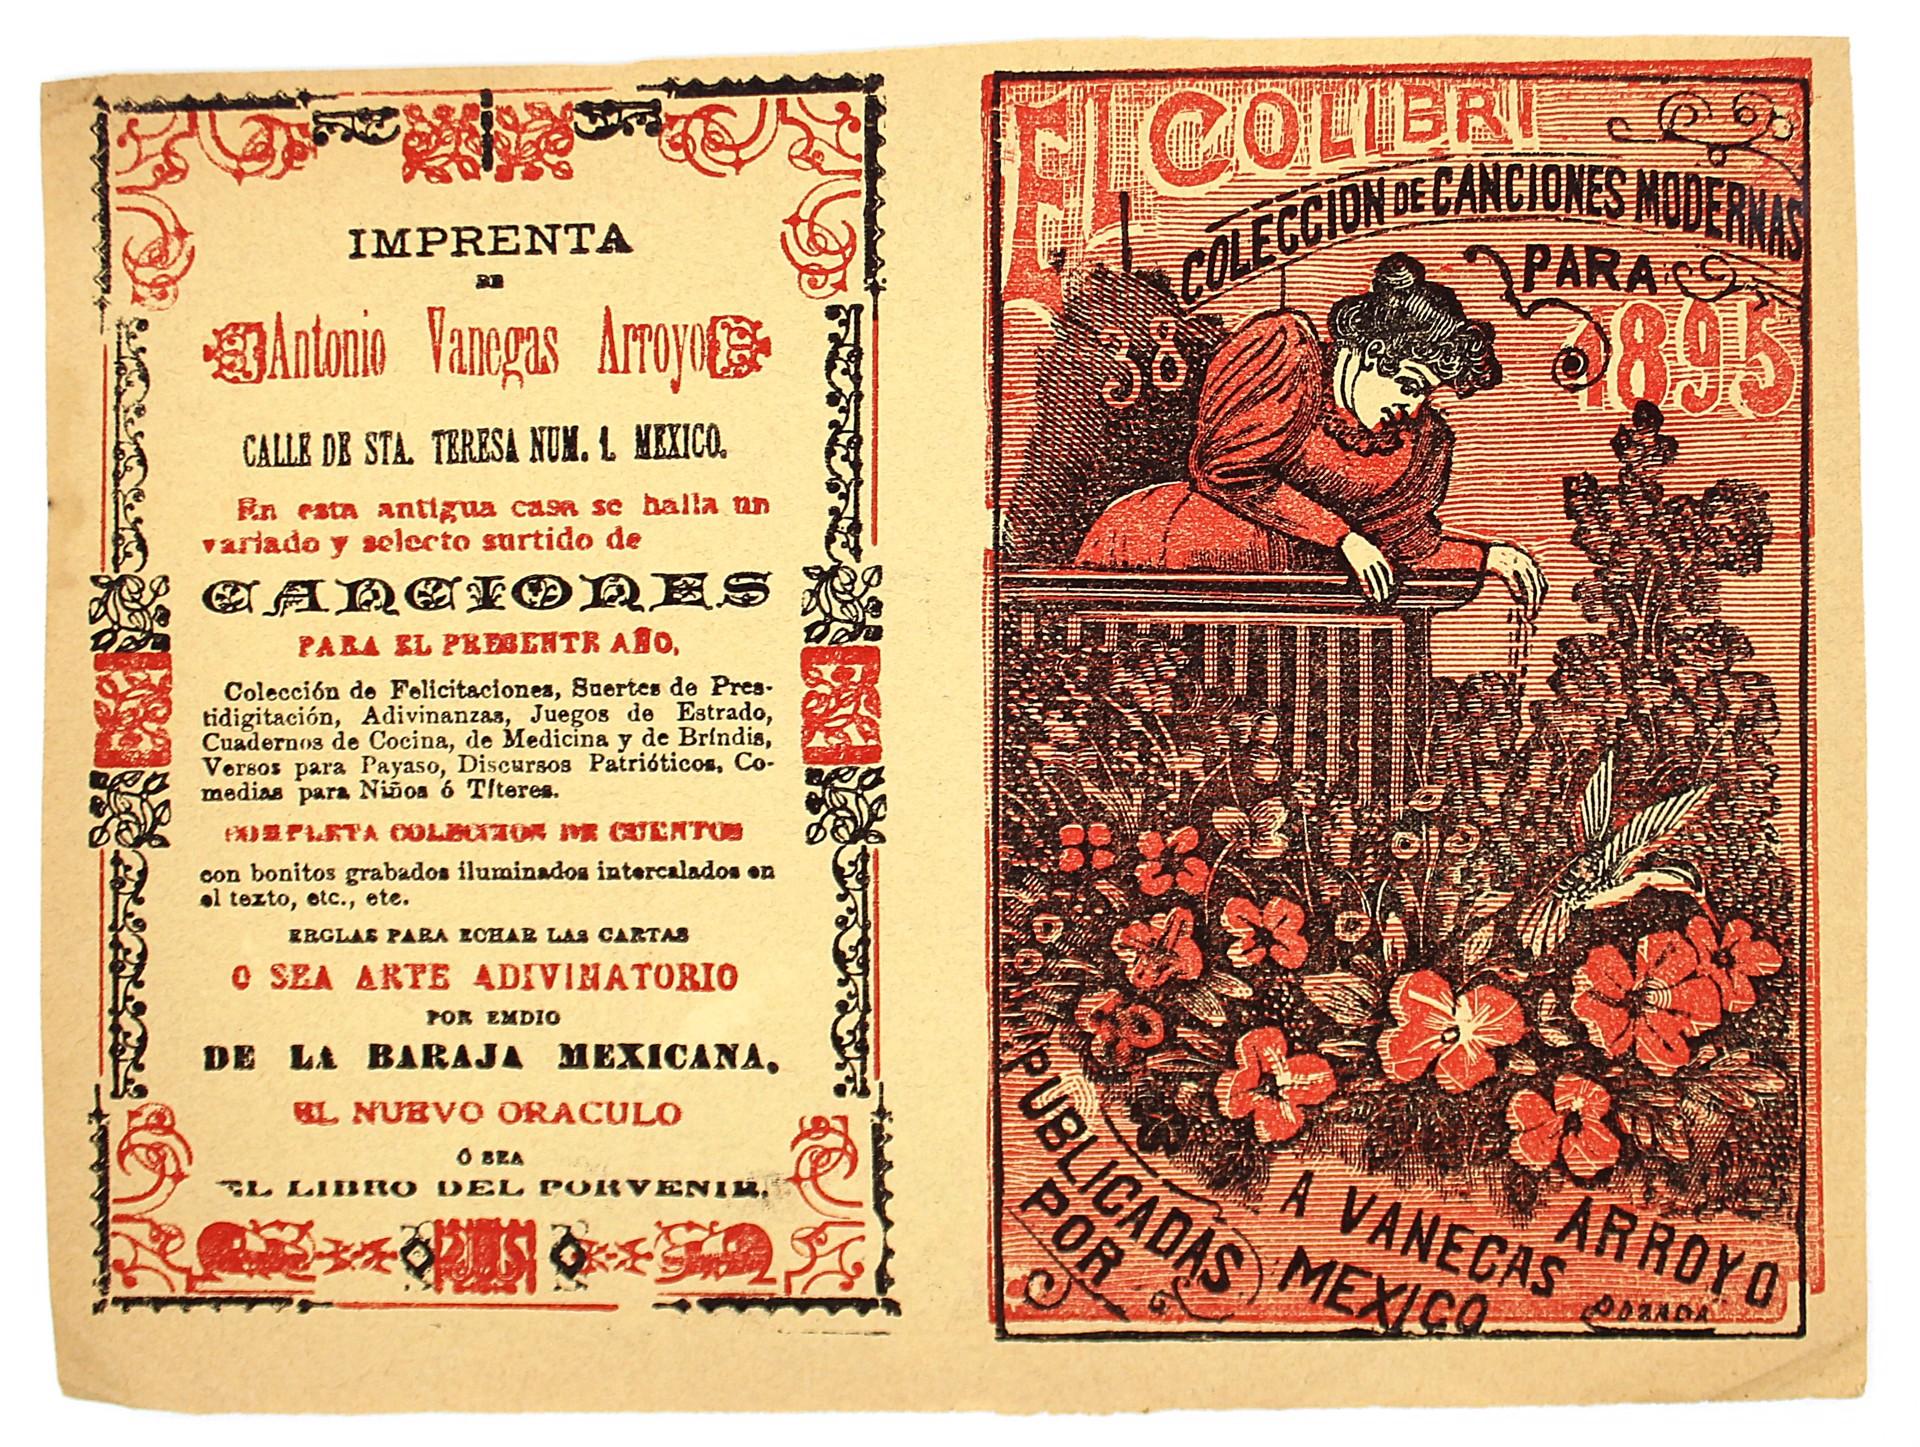 El Colibri. Colección de canciones modernas, No 38 by José Guadalupe Posada (1852 - 1913)